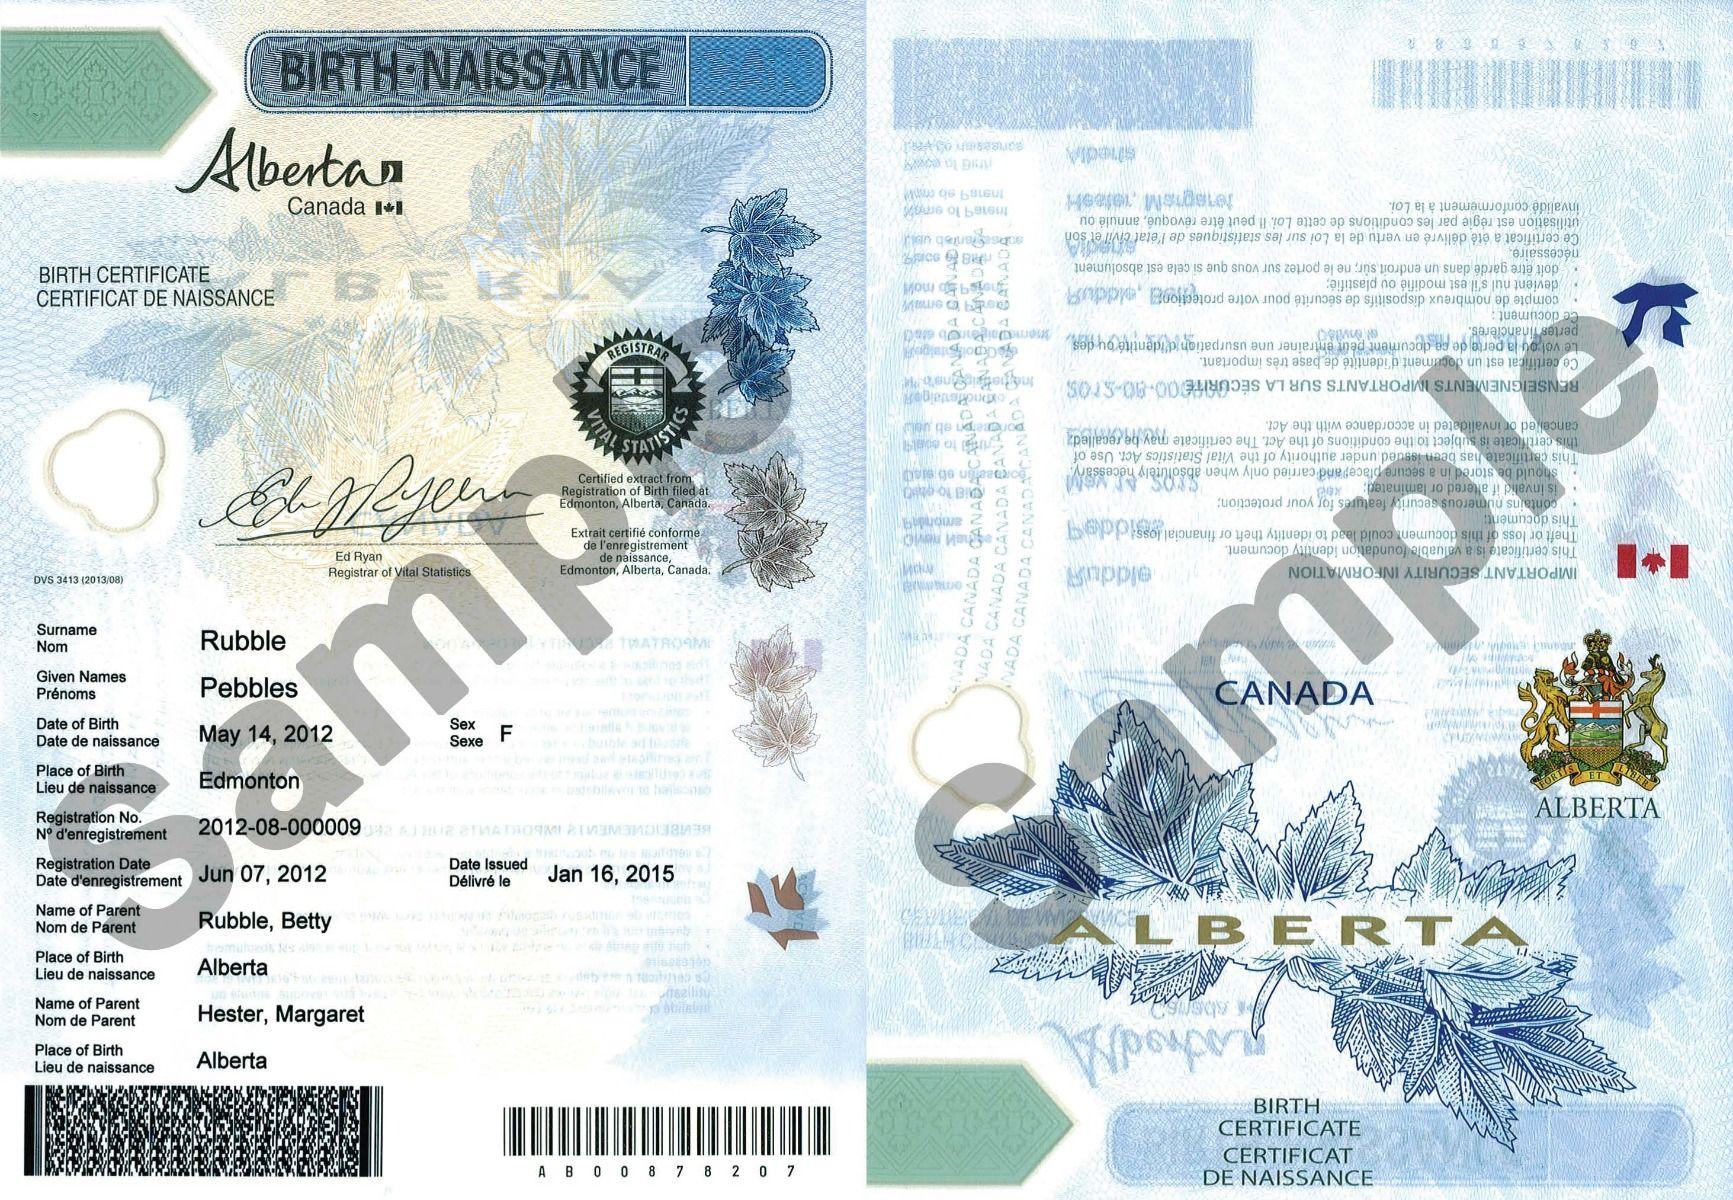 Transgender child gets new passport, birth certificate